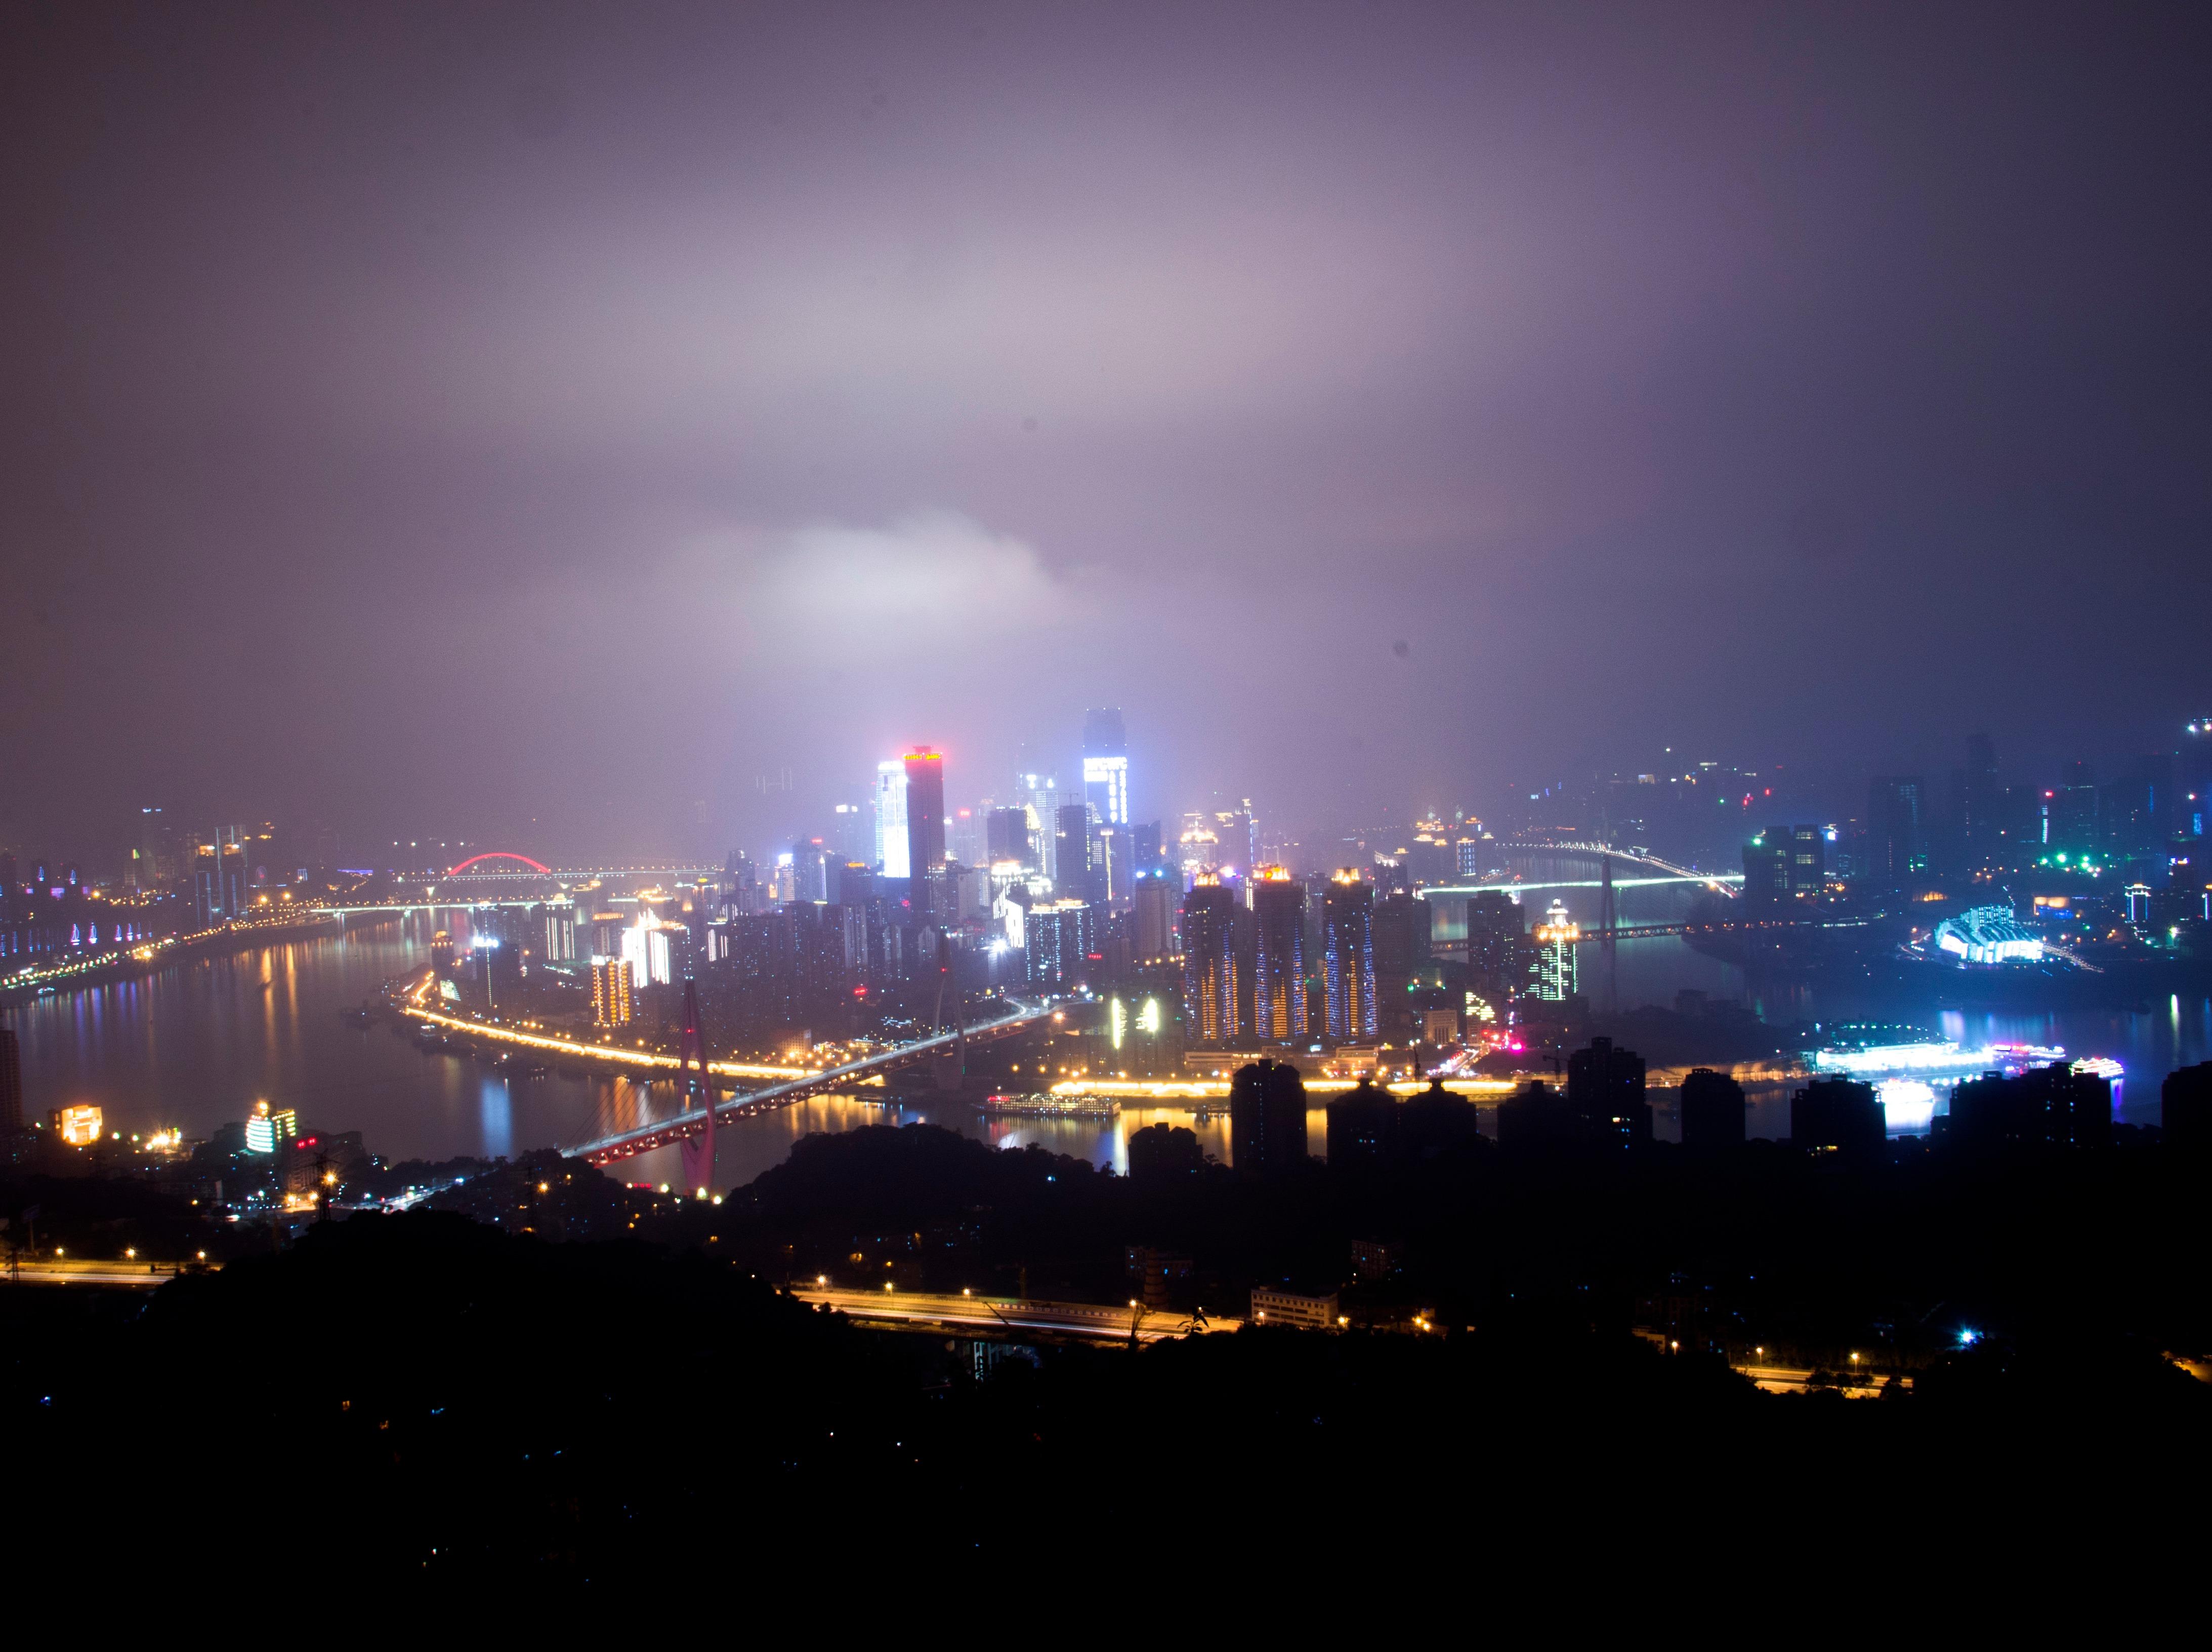 7月23日夜爬南山,一棵树欣赏重庆夜景